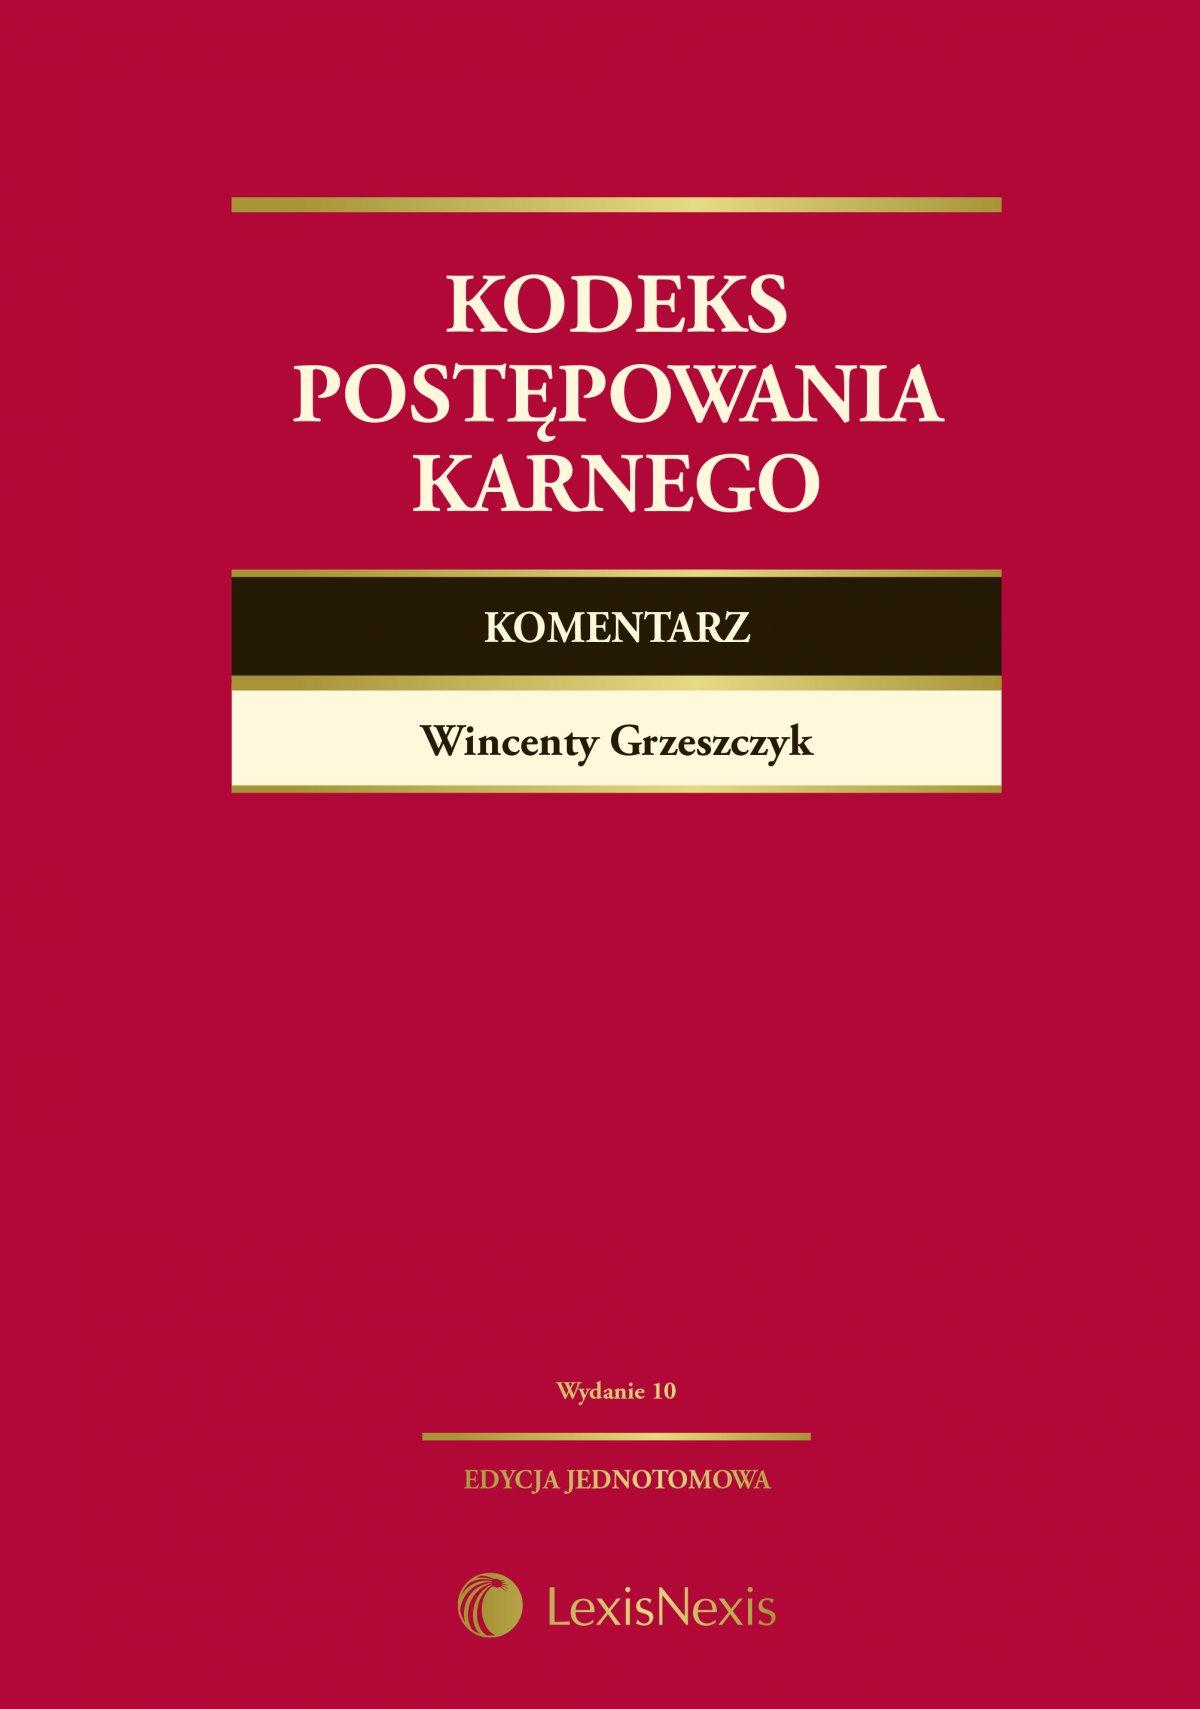 Kodeks postępowania karnego. Komentarz. Wydanie 10 - Ebook (Książka PDF) do pobrania w formacie PDF